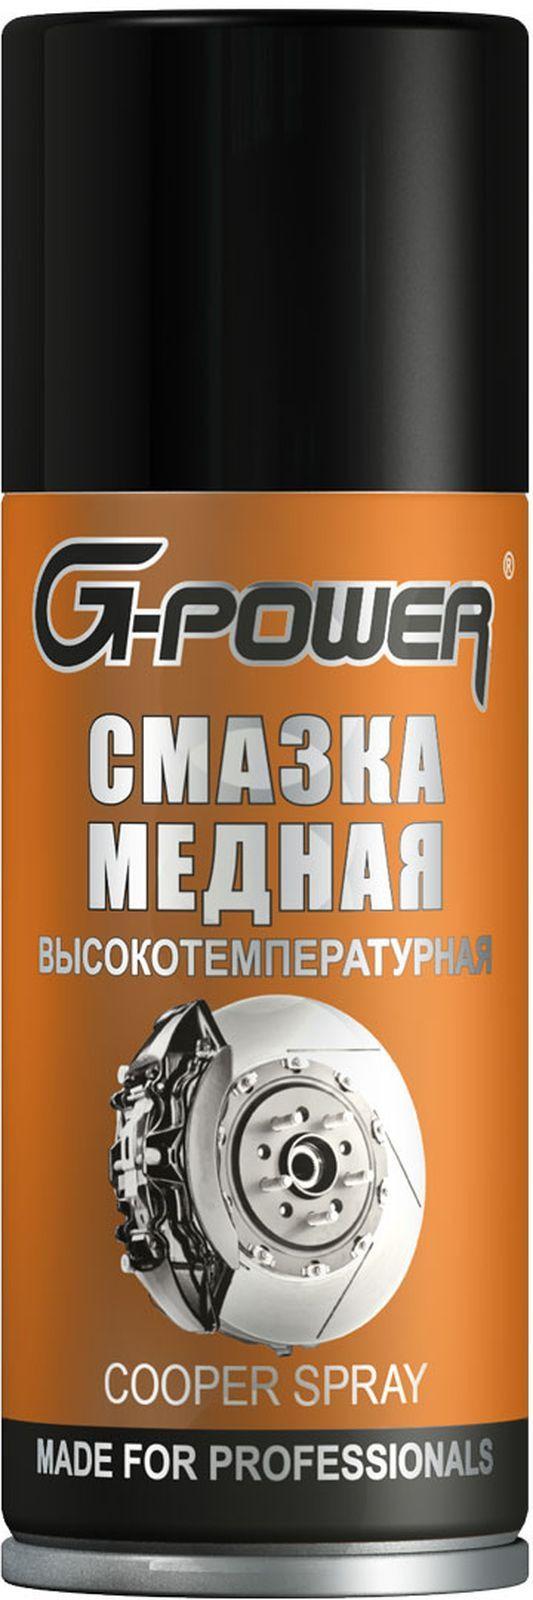 Смазка G-Power, медная, высокотемпературная, 210 мл